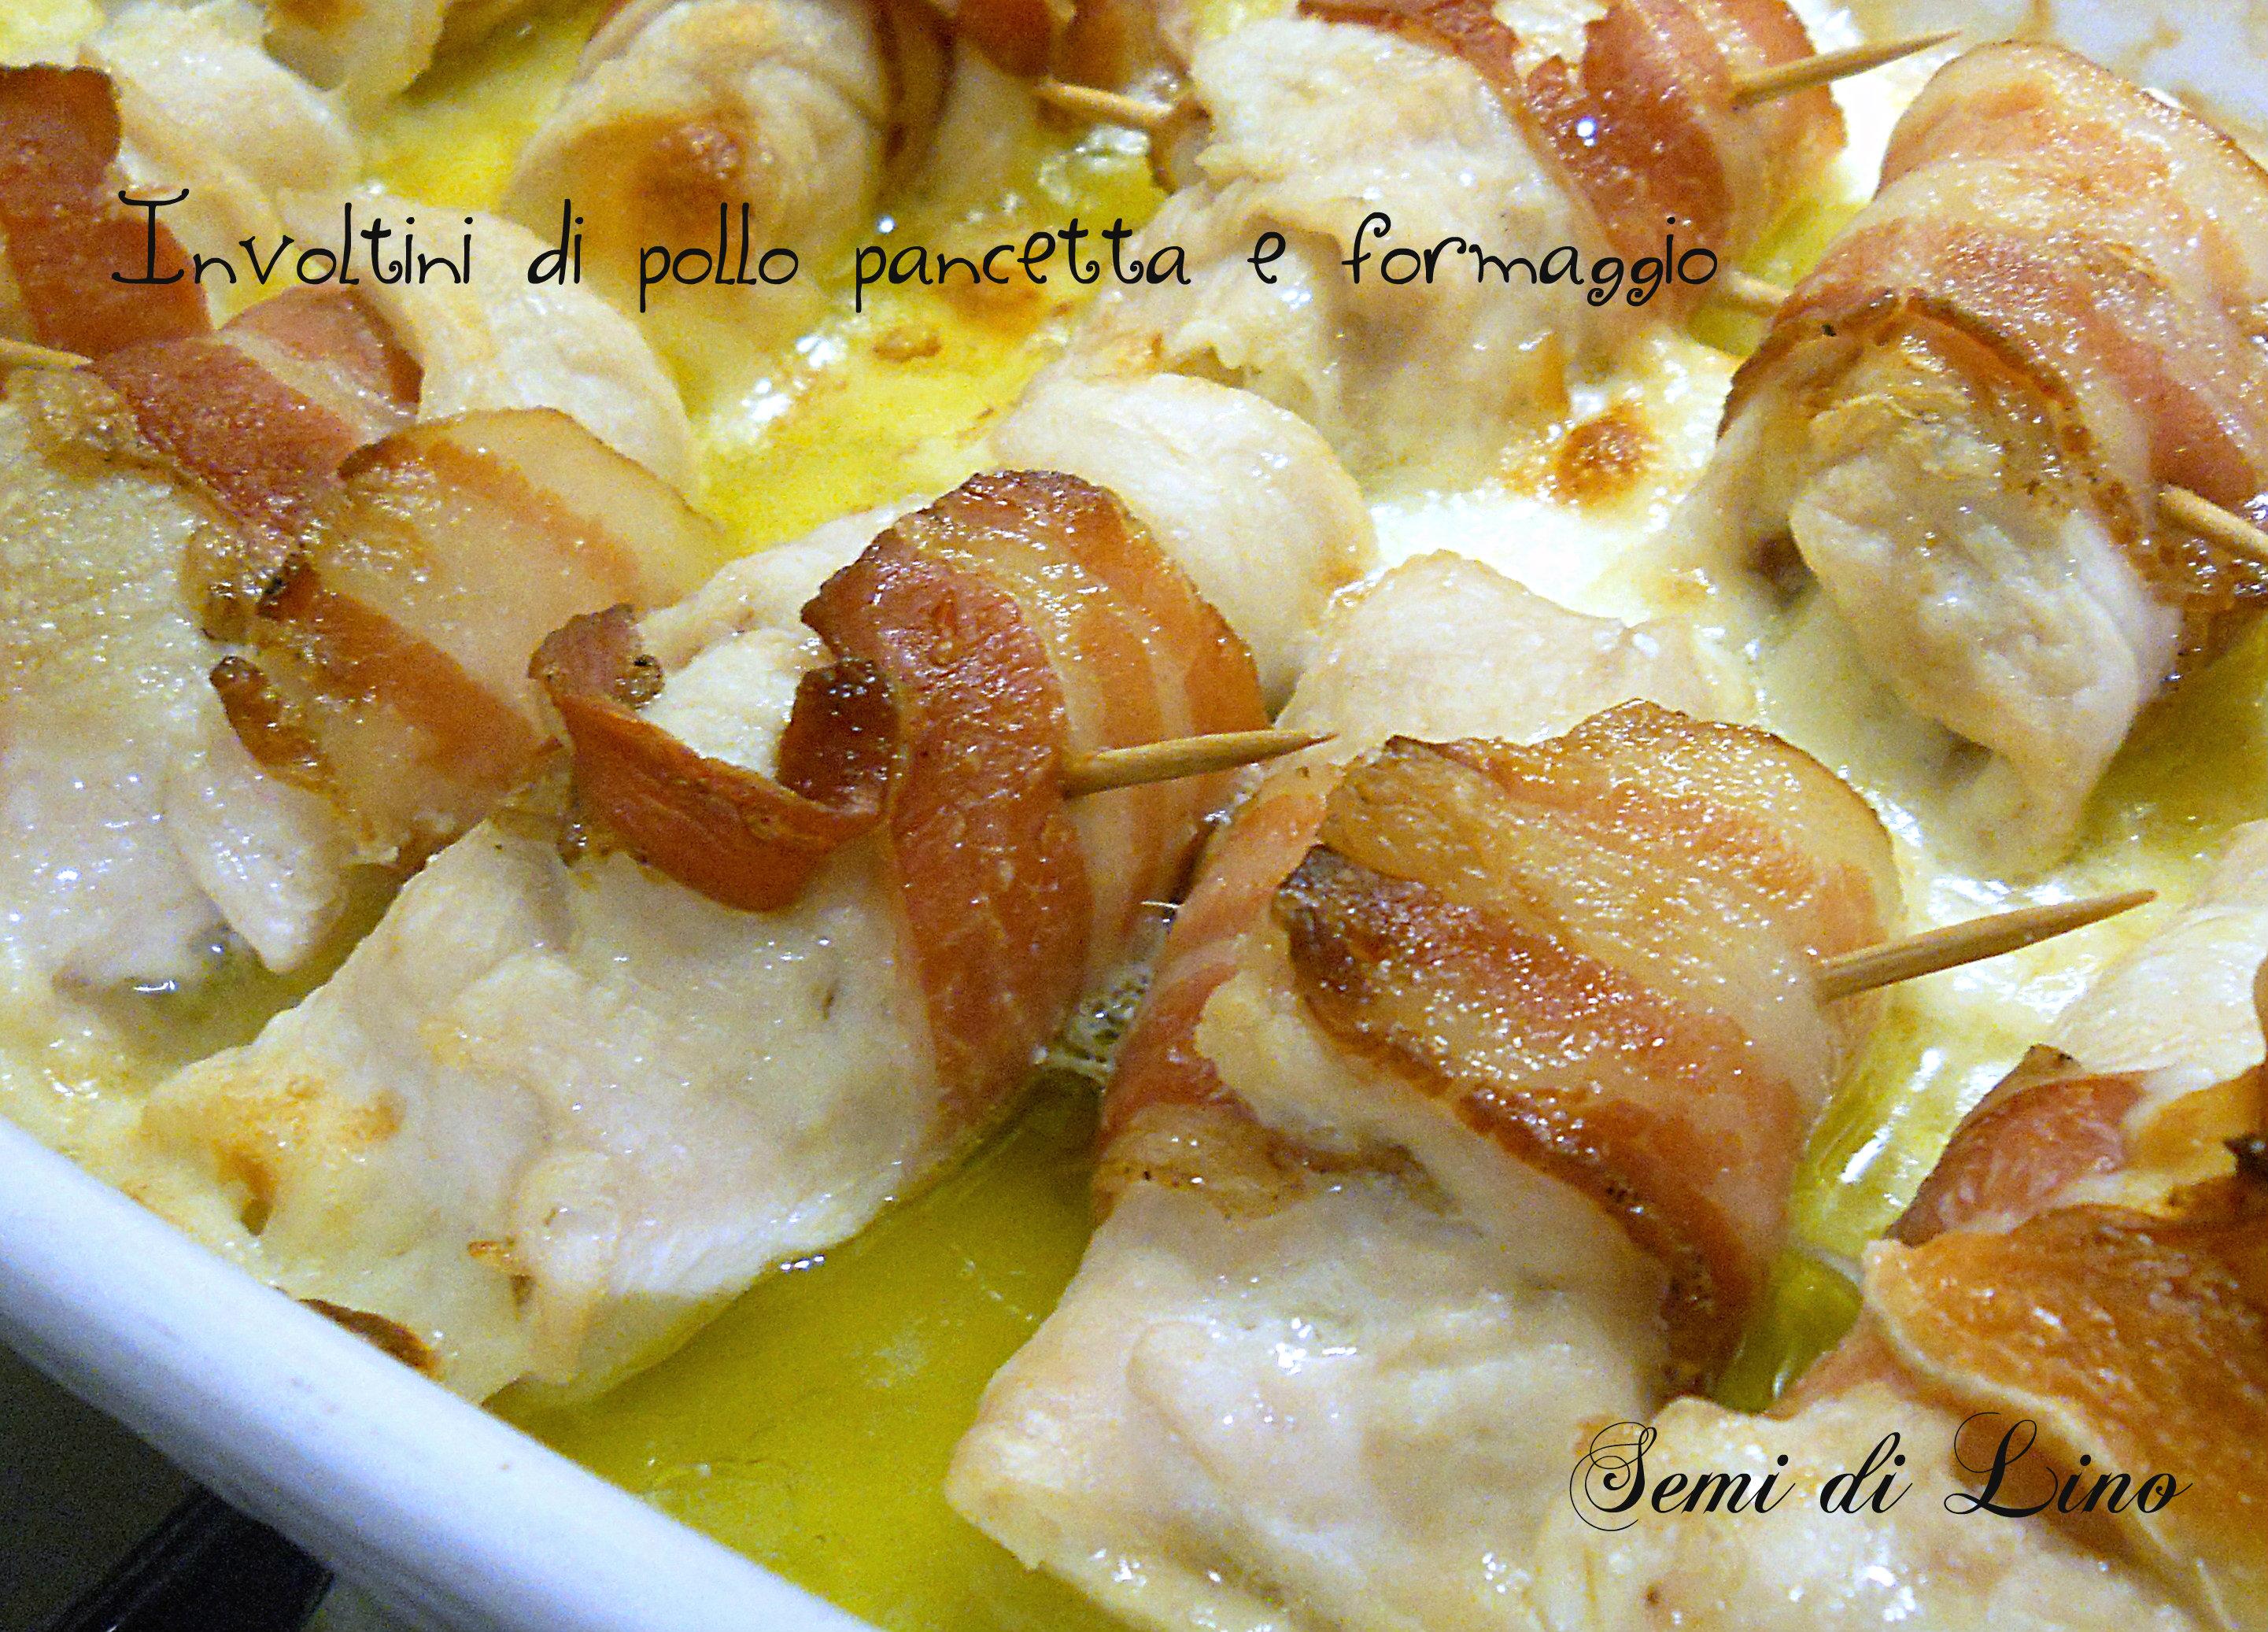 Involtini di pollo pancetta e formaggio, veloci e buonissimi